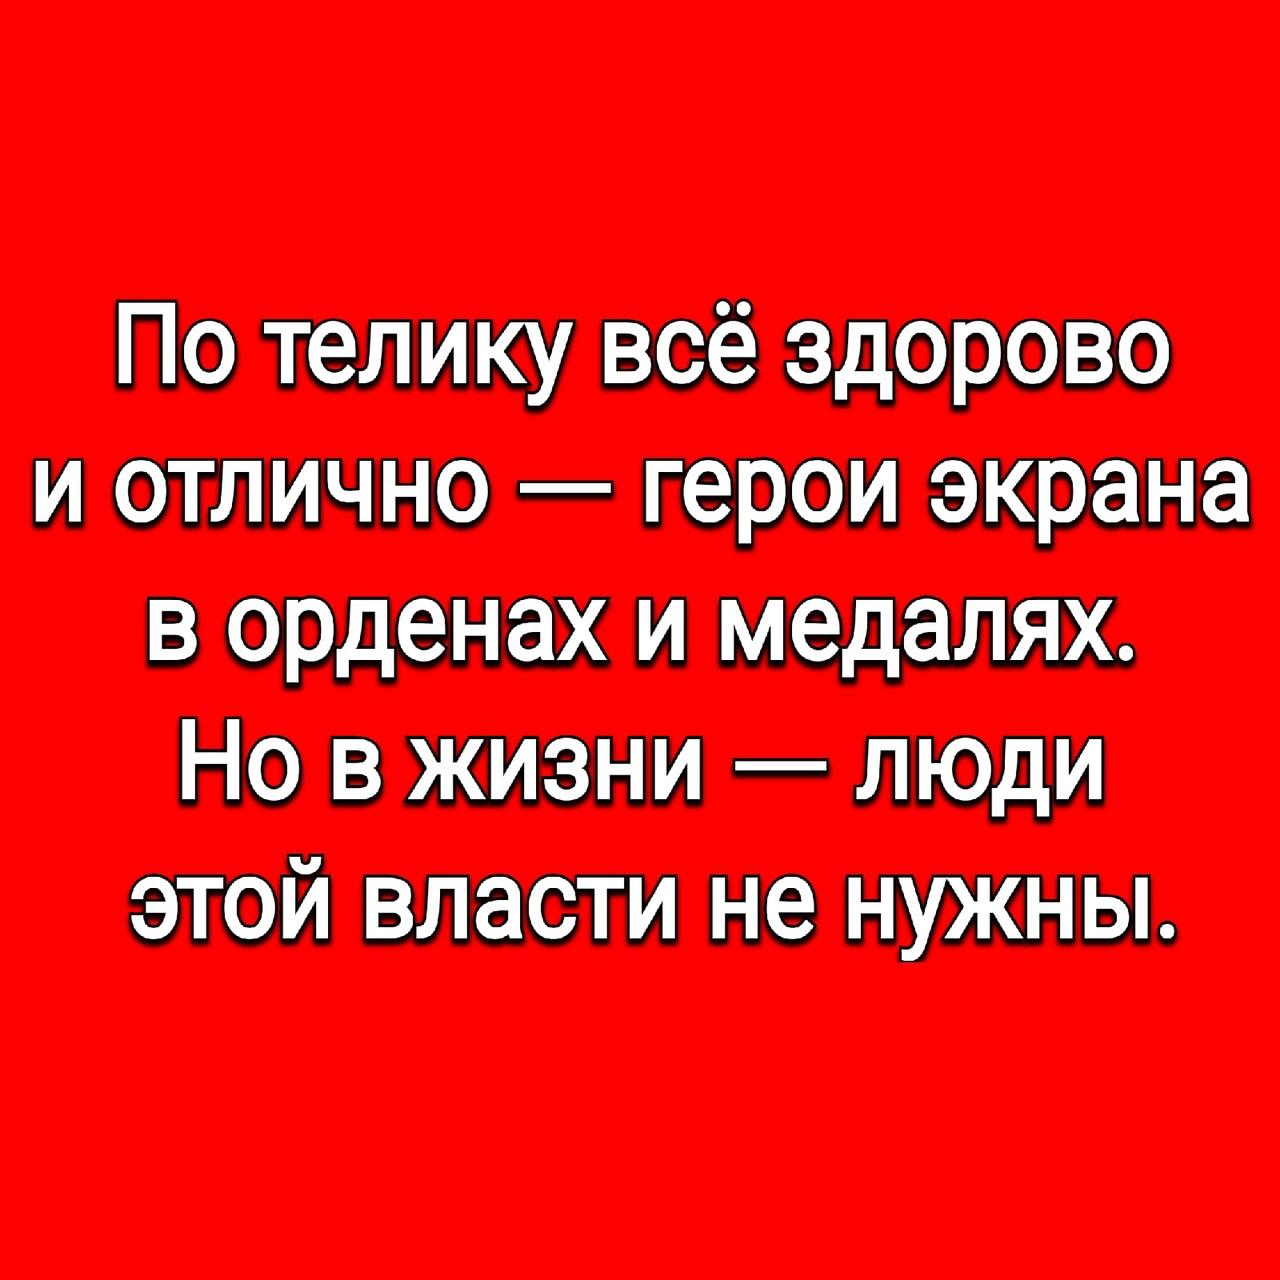 Ольга Алимова: «По телику всё здорово и отлично — герои экрана в орденах и медалях. Но в жизни — люди этой власти не нужны!»